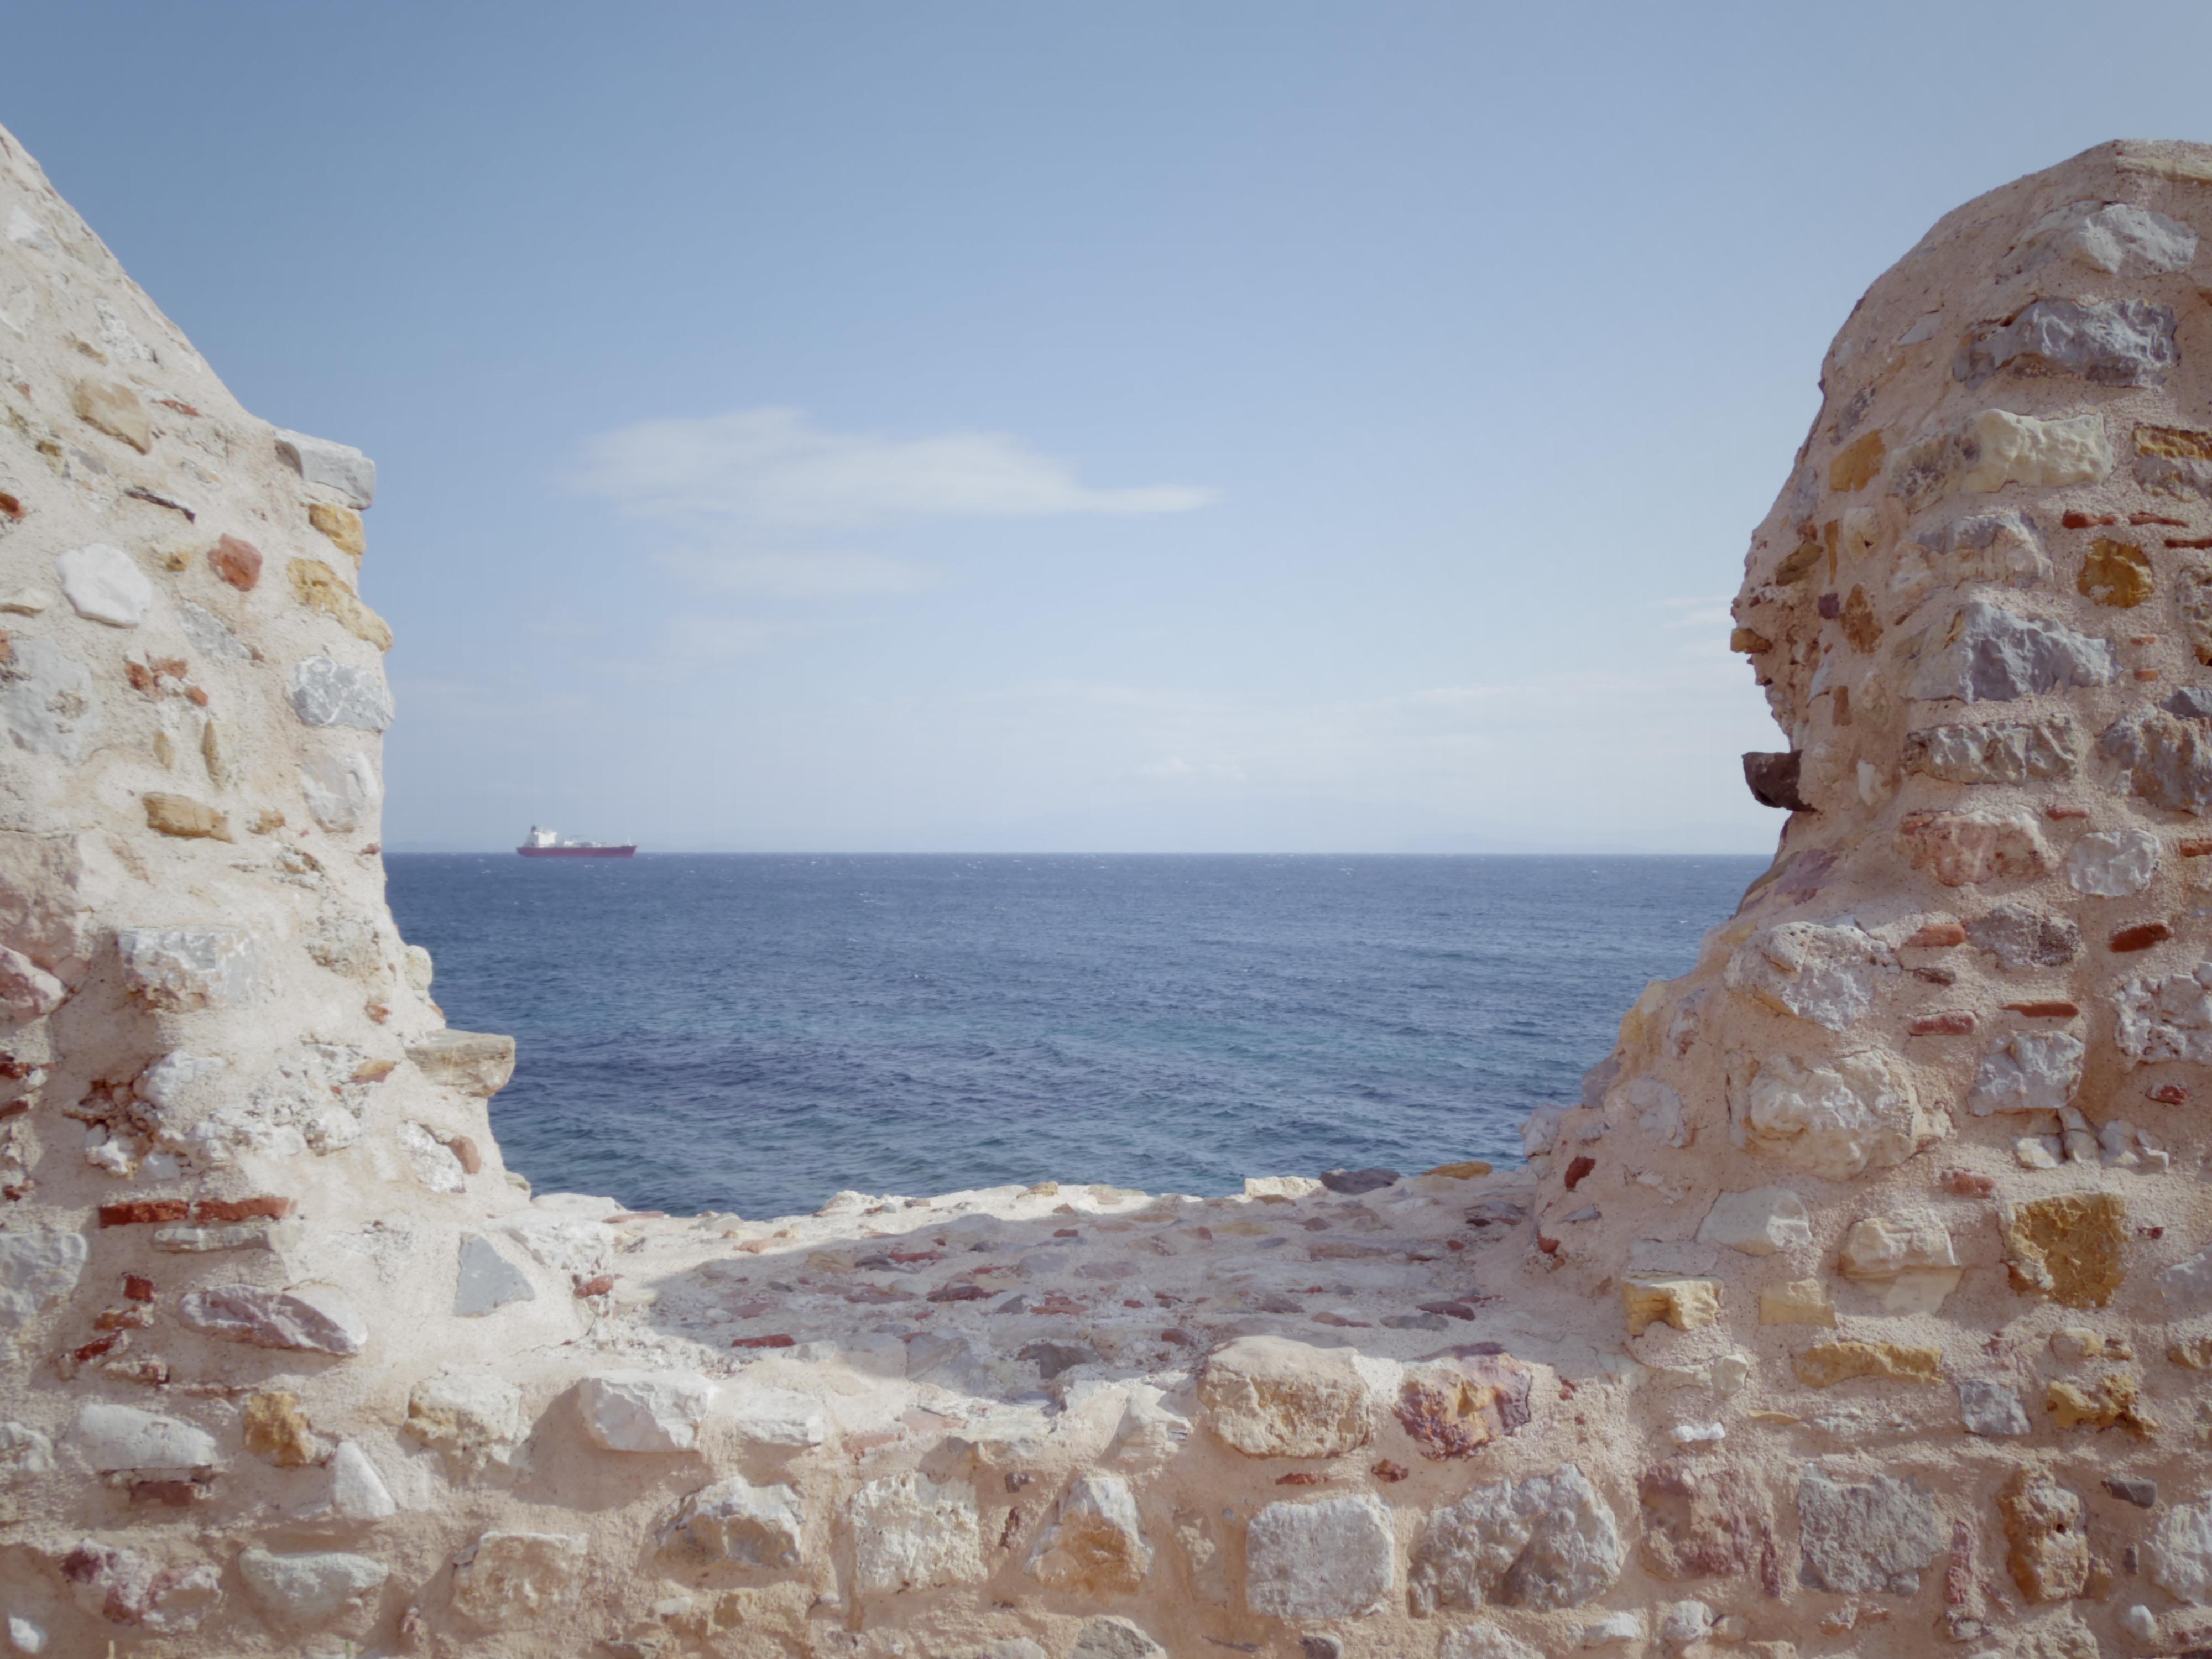 アテネからキオス島へ。エーゲ海を渡る。(キオス島のバス情報も!)